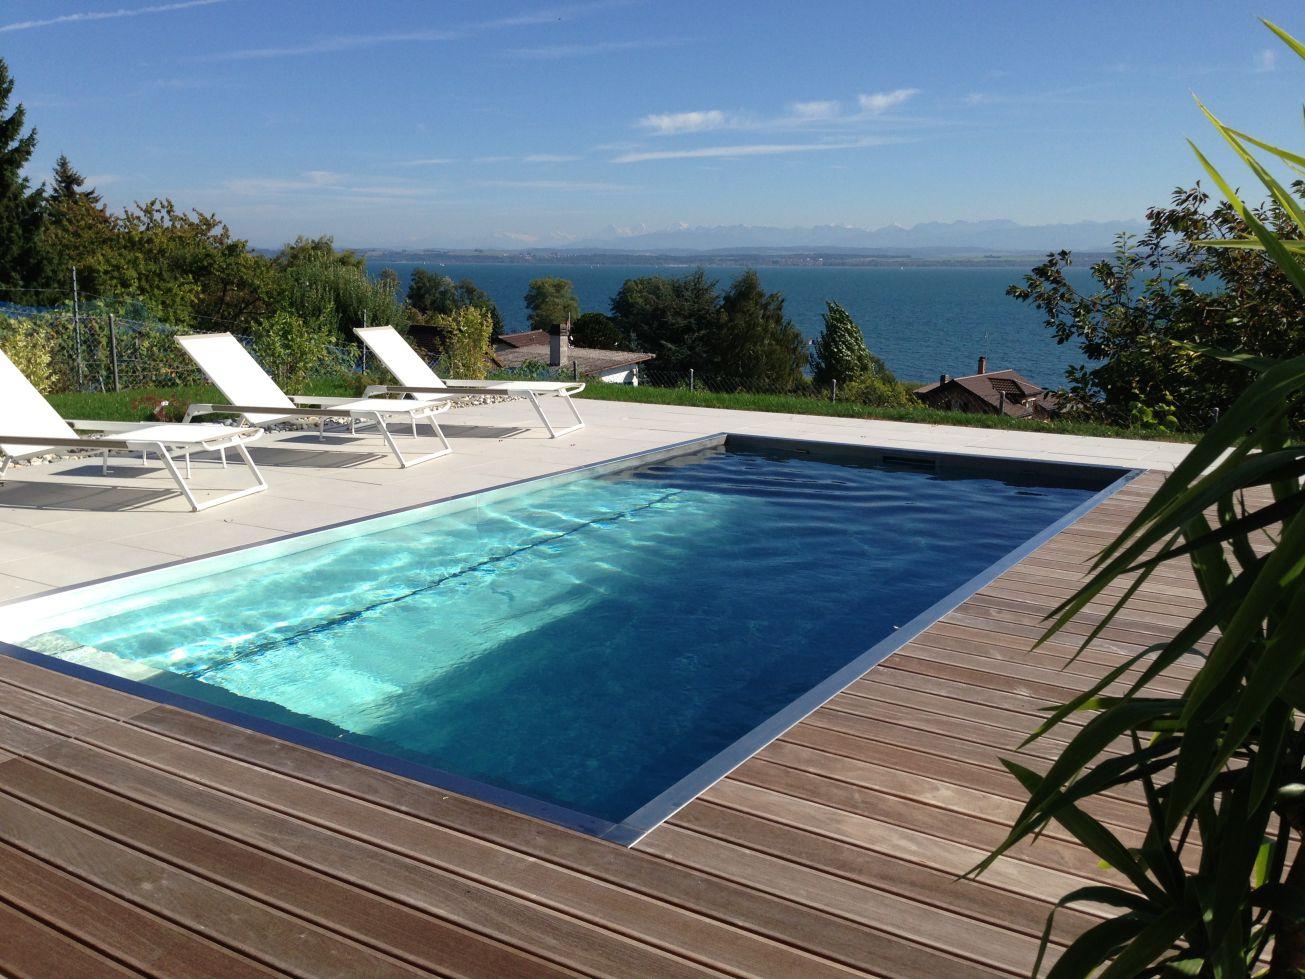 Piscine En Inox Steel And Style les piscines steel and style - quel constructeur choisir